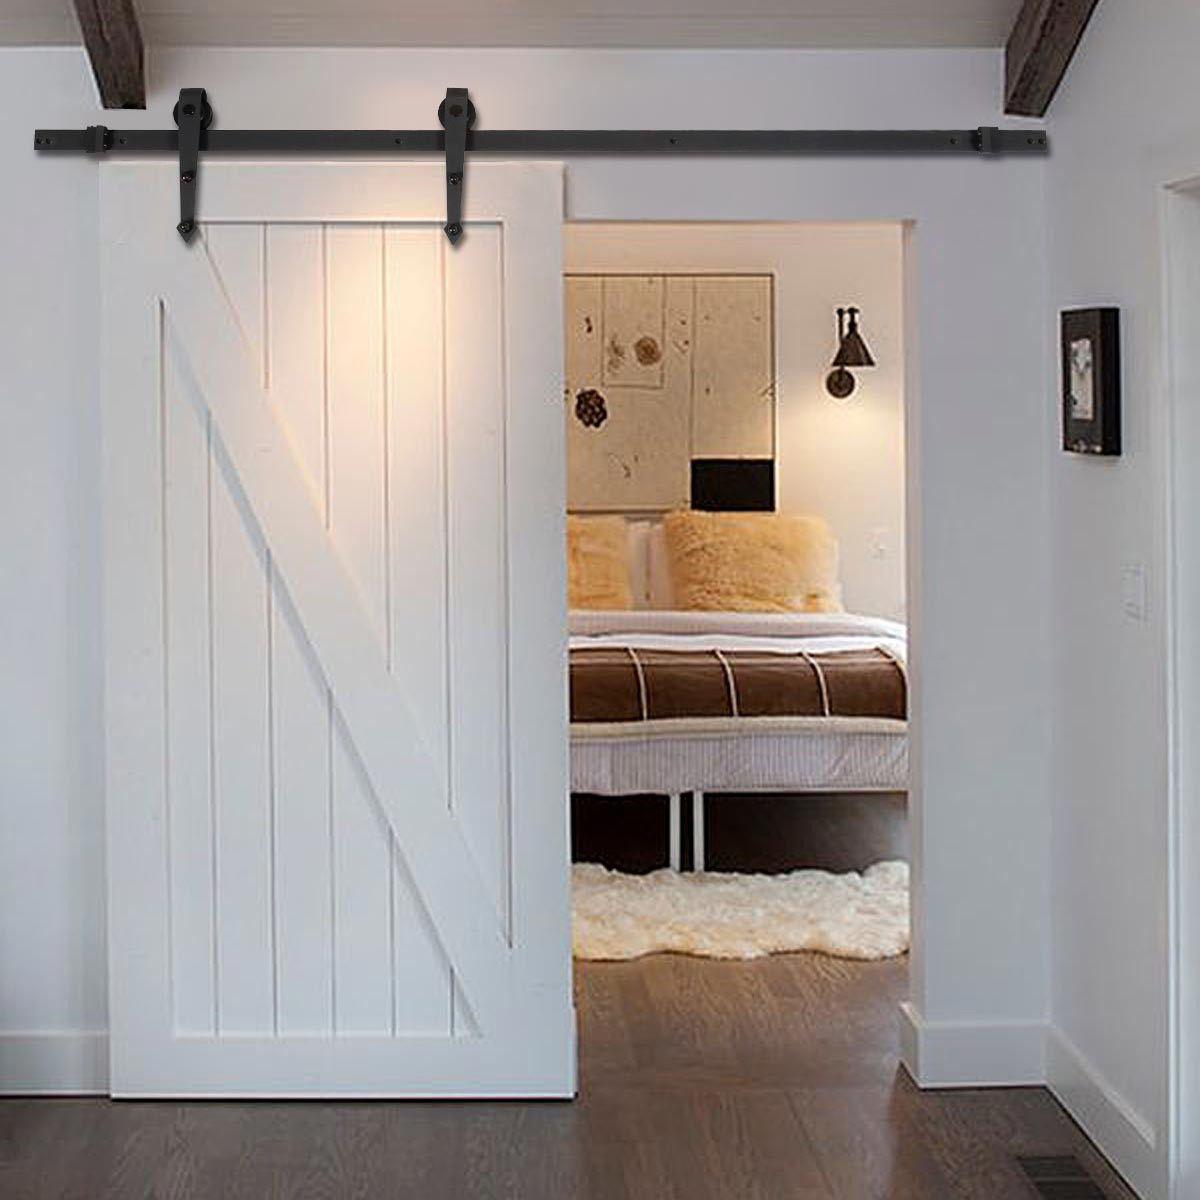 6 جديد أسود الحديثة العتيقة نمط انزلاق الأبواب الخشبية الشونة الأجهزة الحجرة مجموعة